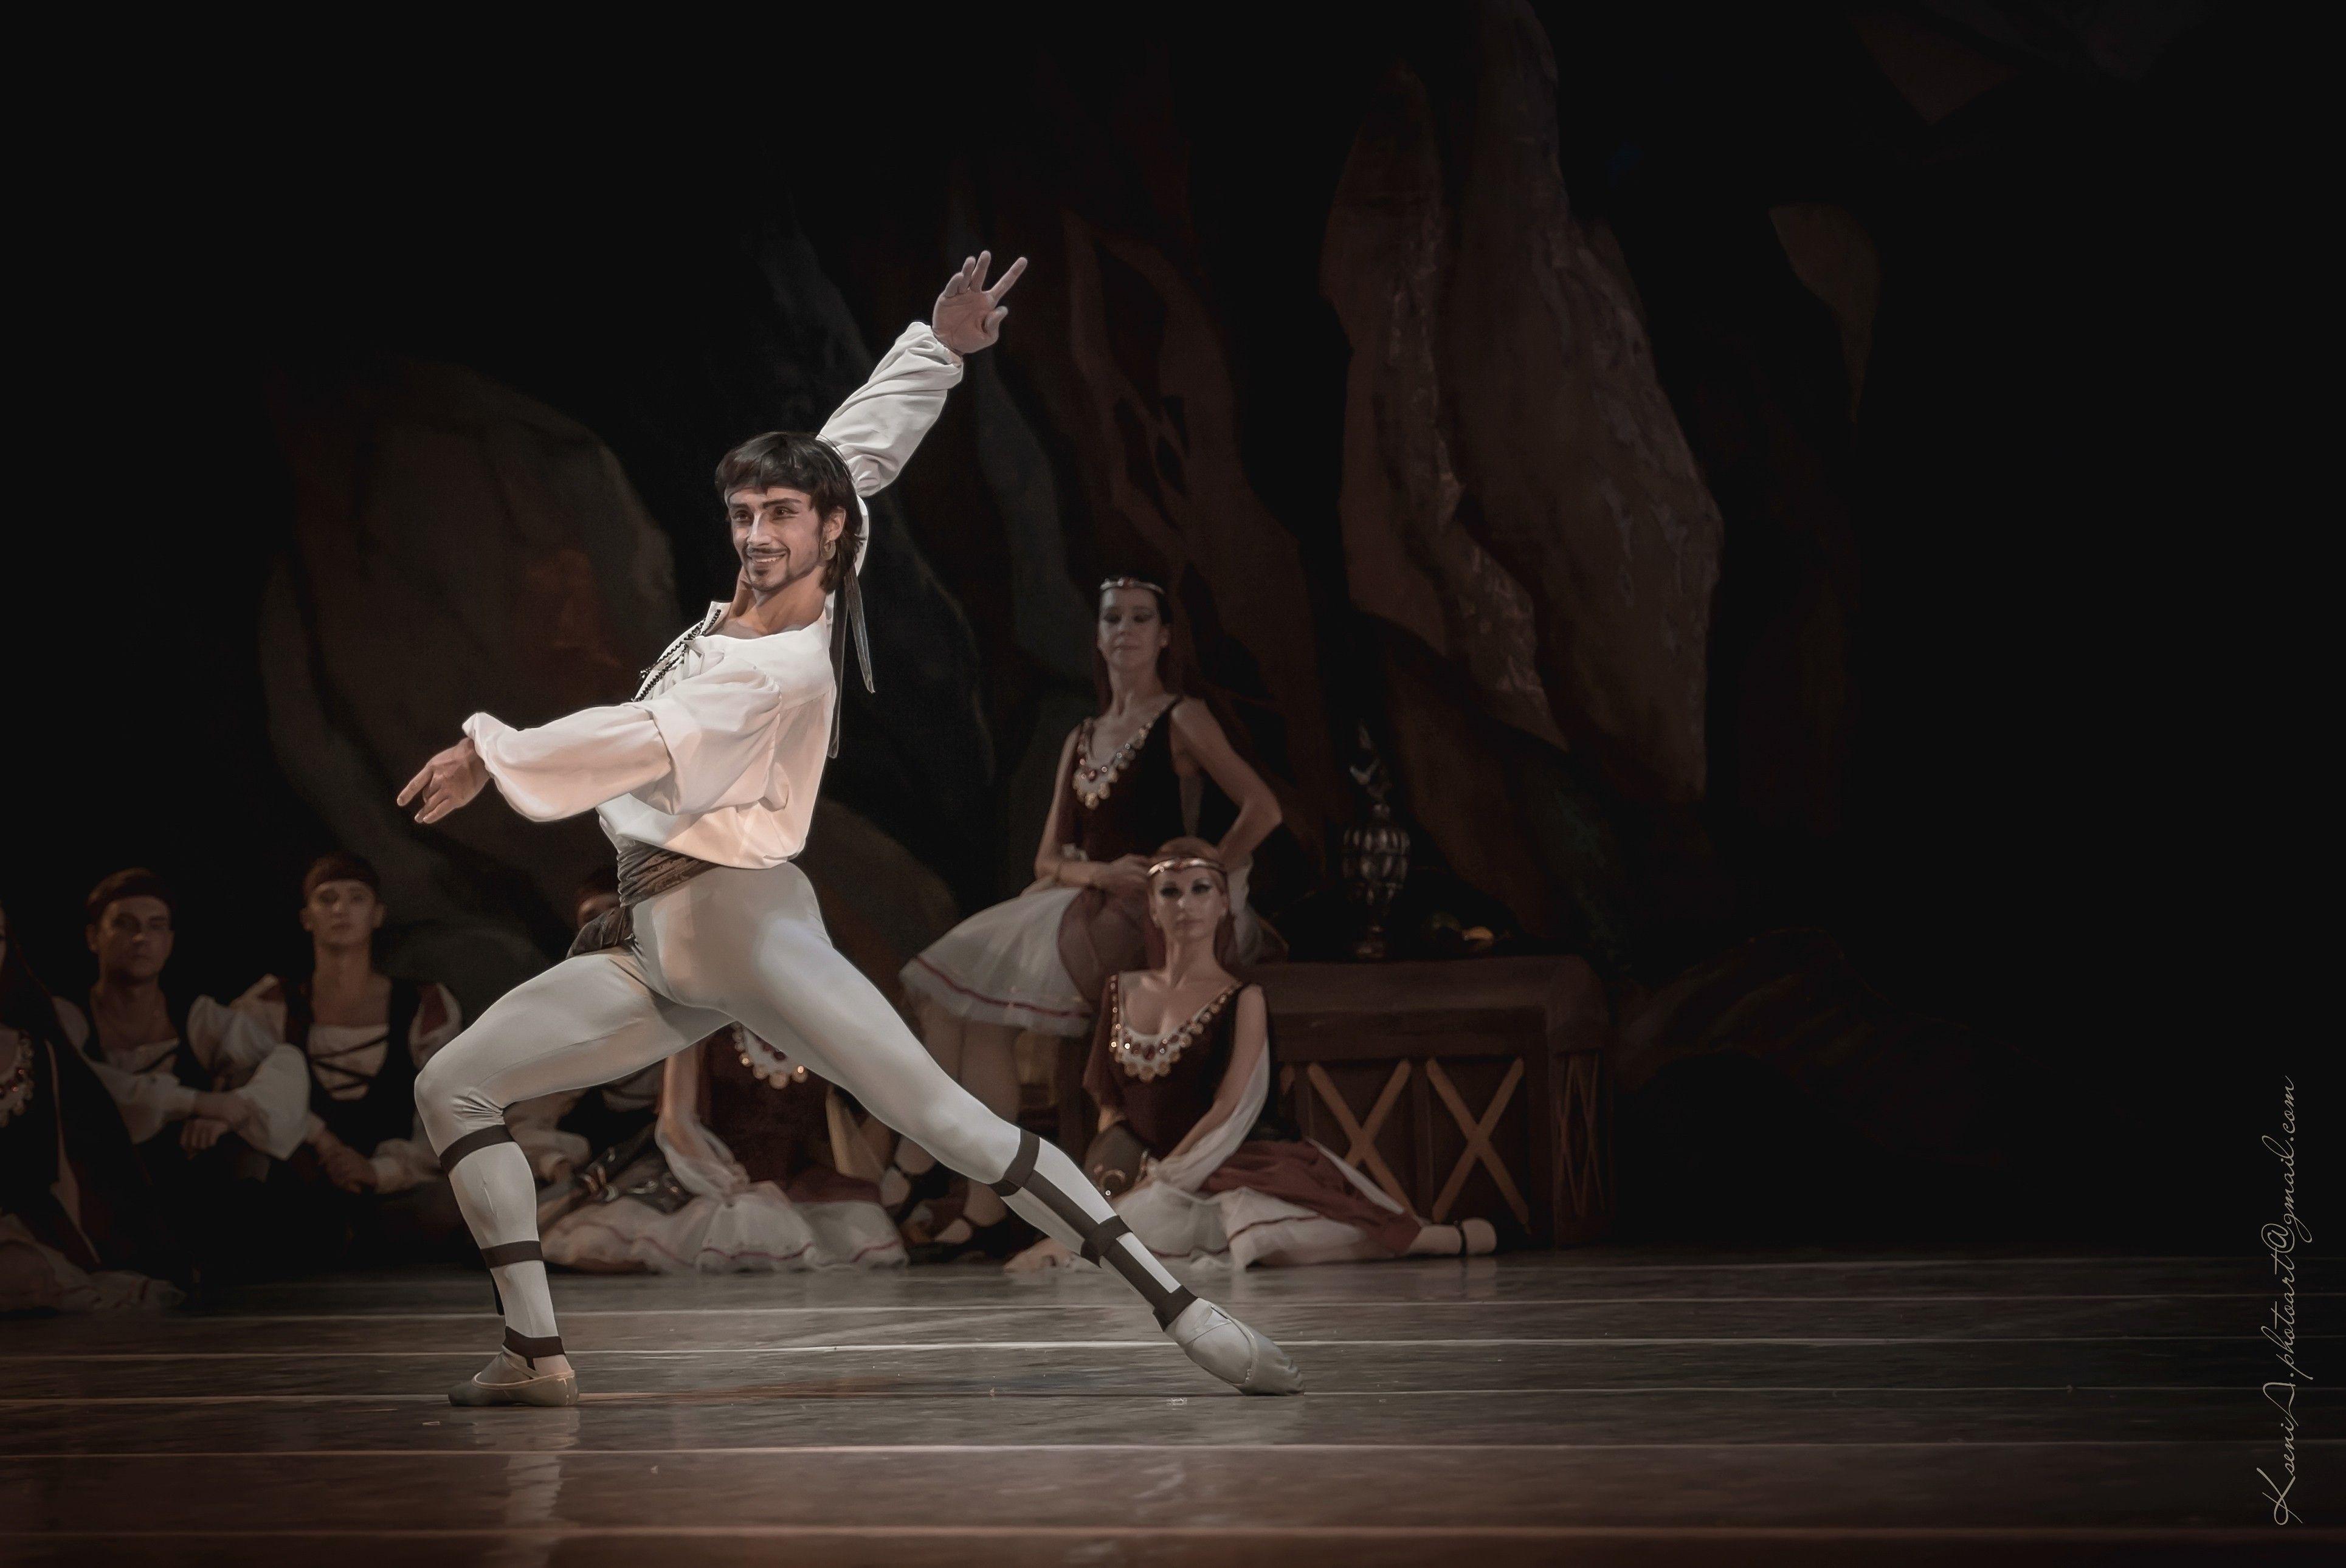 Постановка «Корсар» в Национальной опере Украины_2